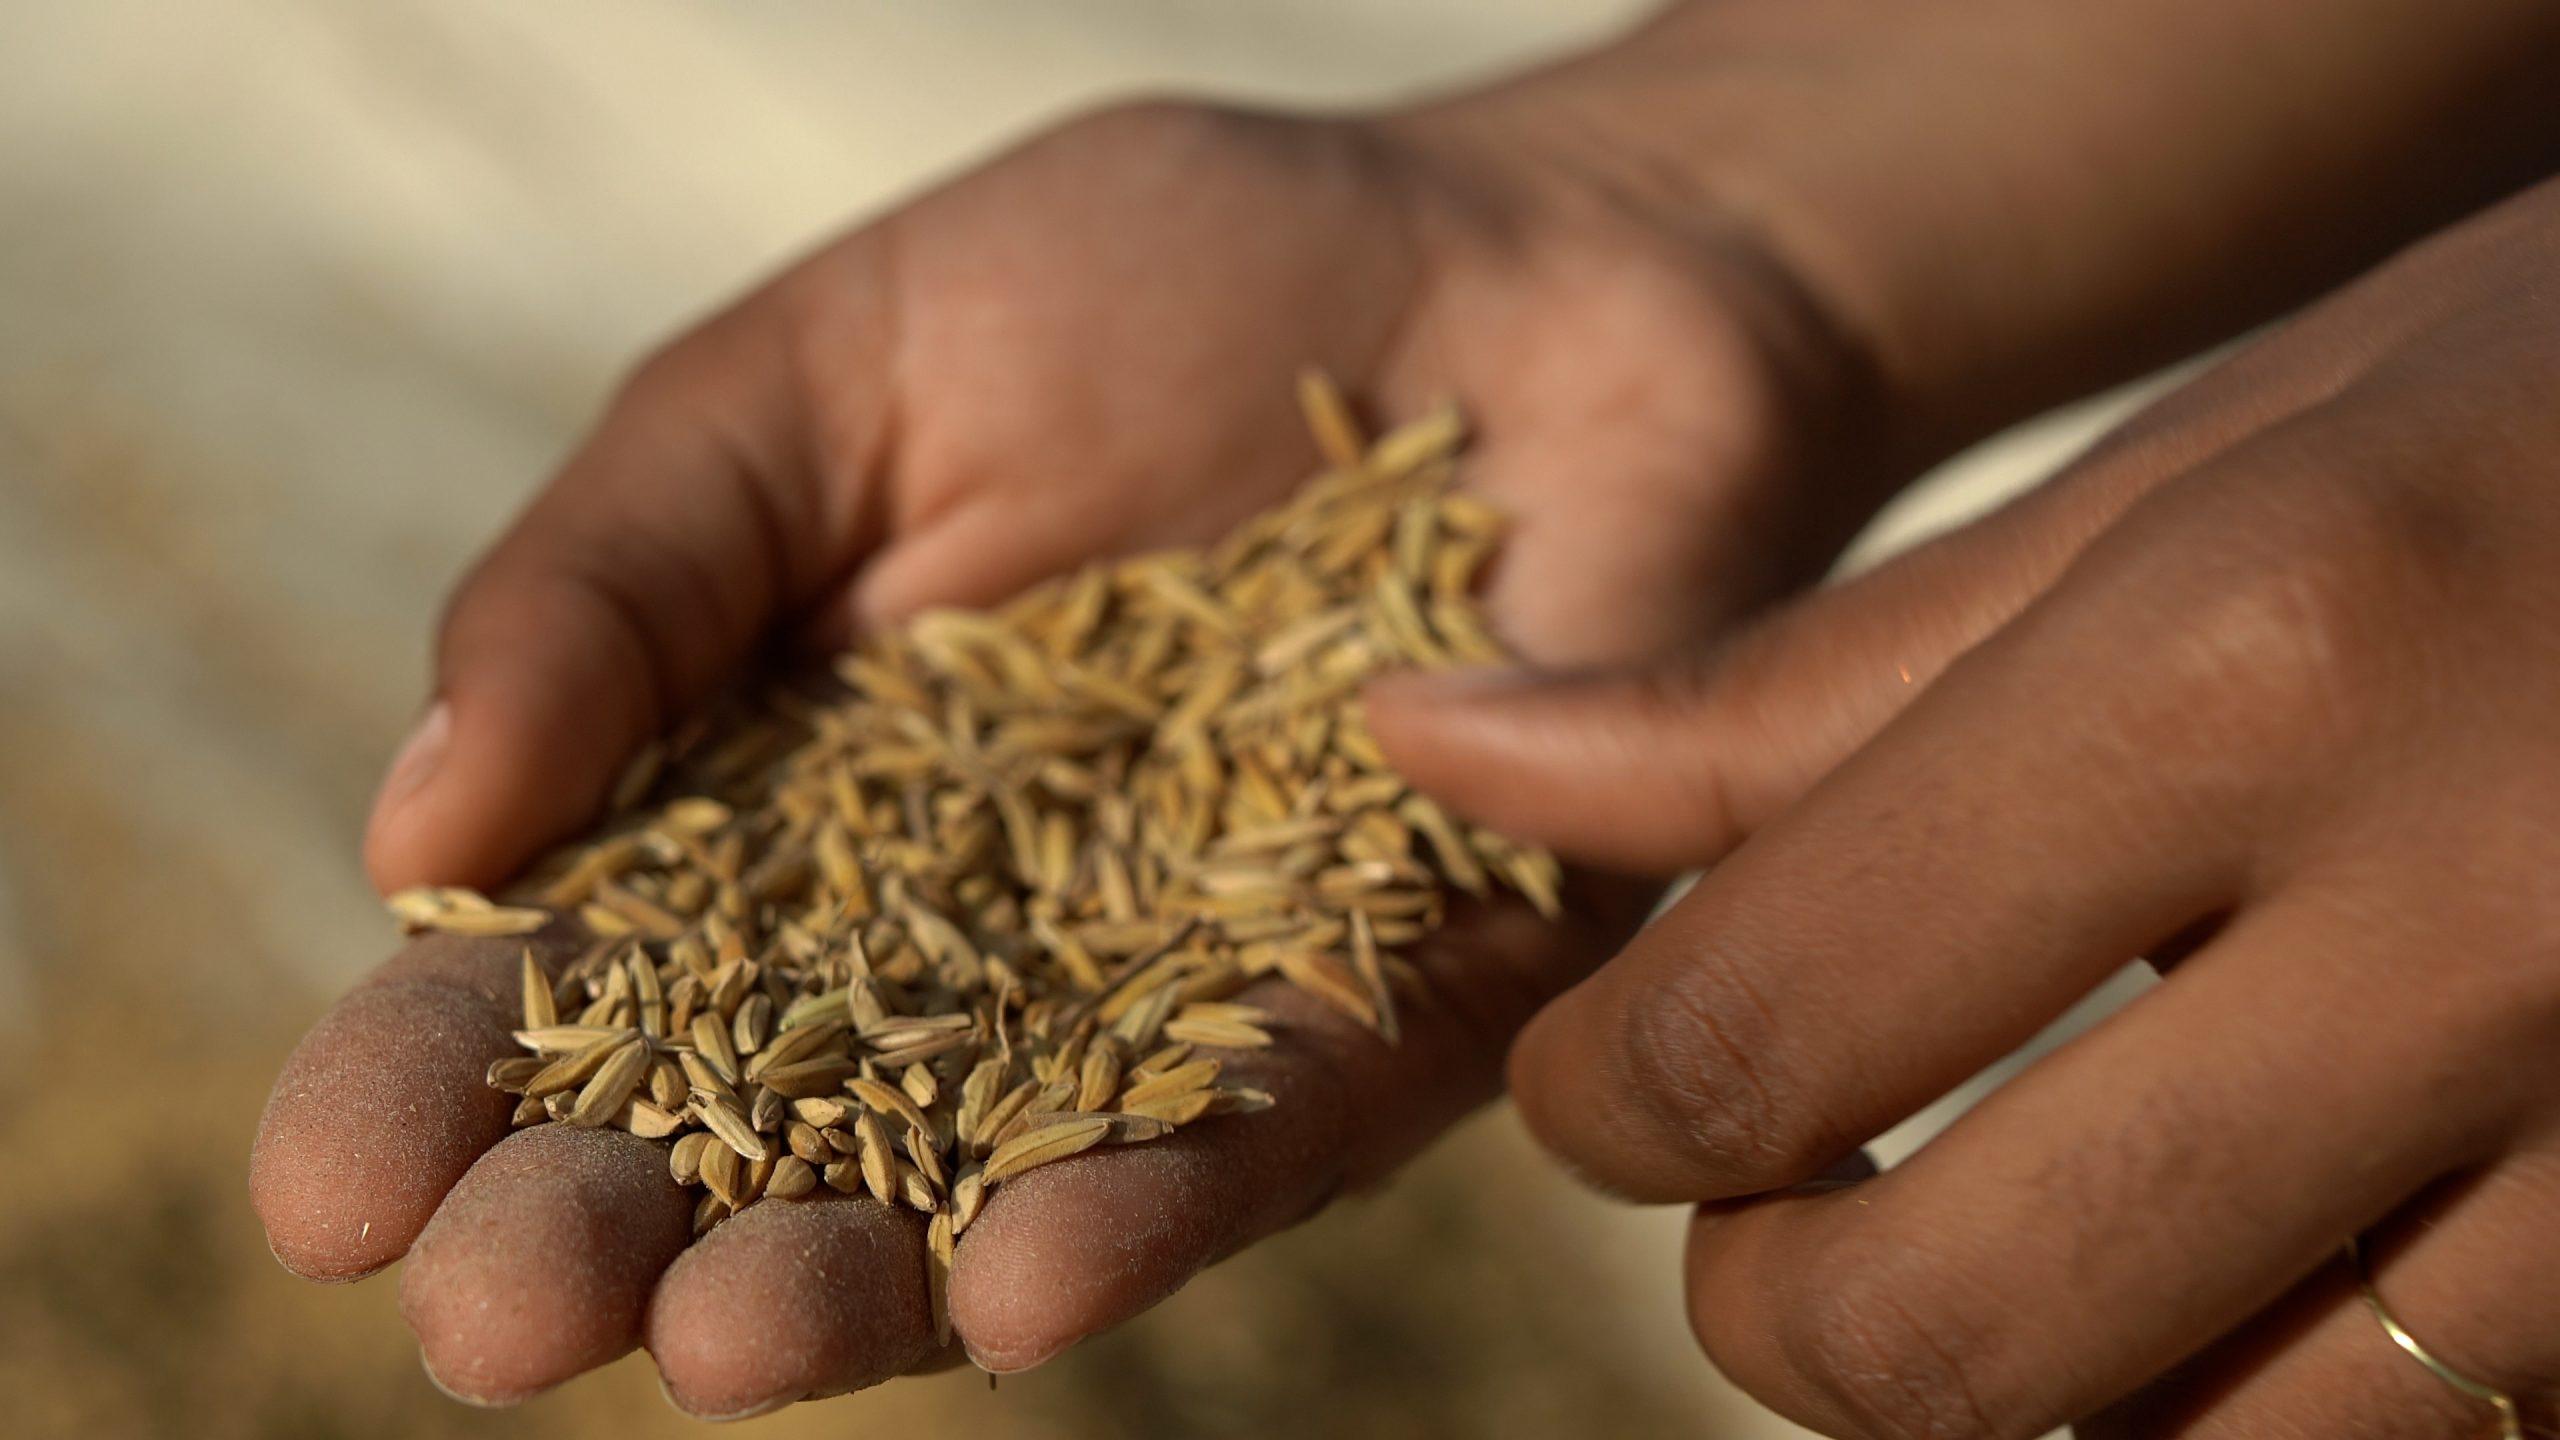 10_yamoussoukro-recolte-de-rizpascal-kardous_slugnews